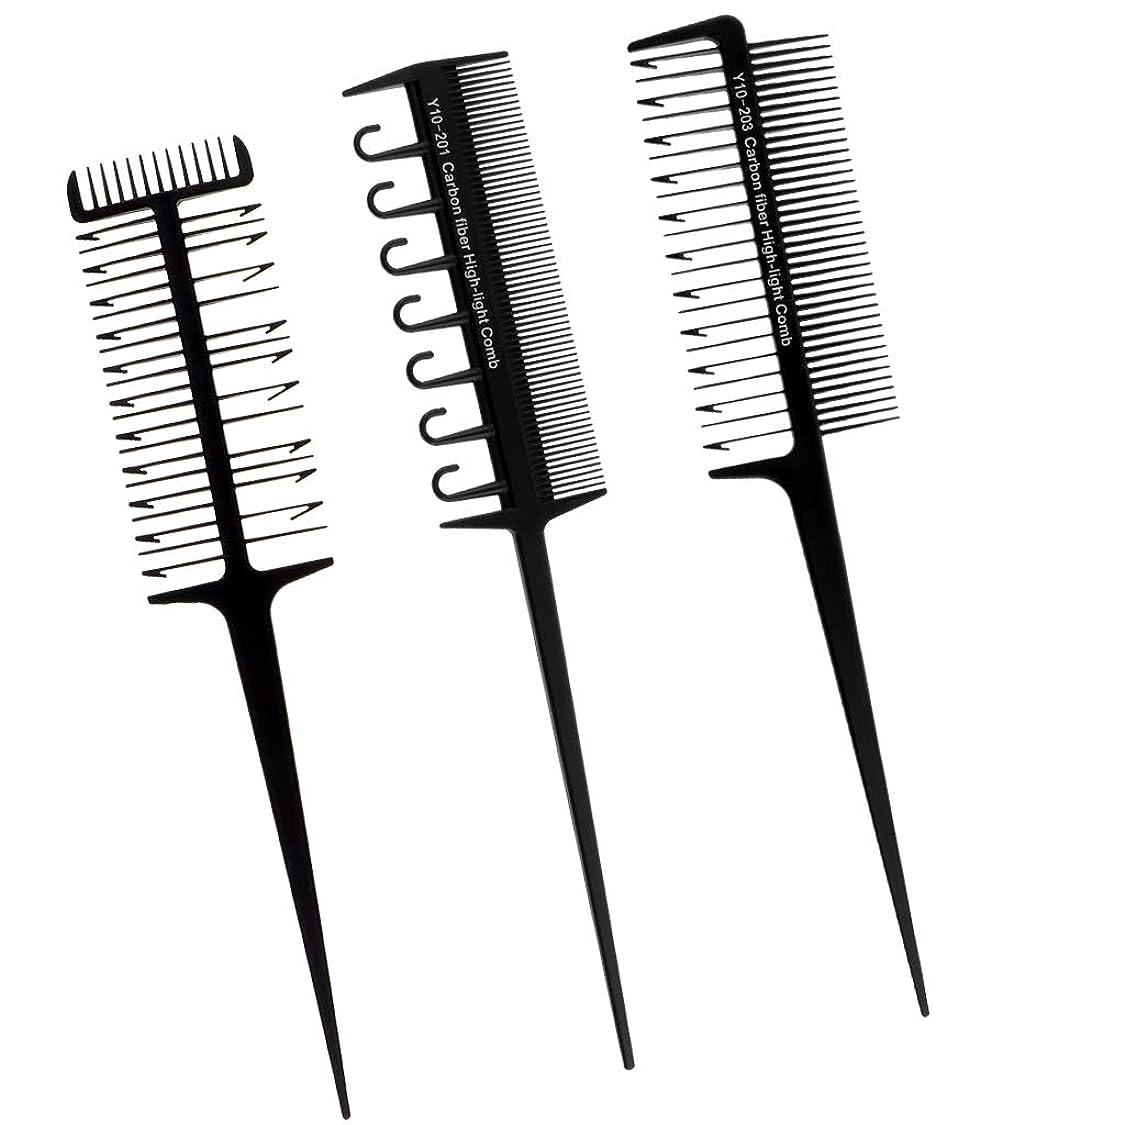 ツーリスト慢性的フィッティングCUTICATE ヘアダイブラシ プロ用 へアカラーセット DIY髪染め用 サロン 美髪師用 ヘアカラーの用具 3本入